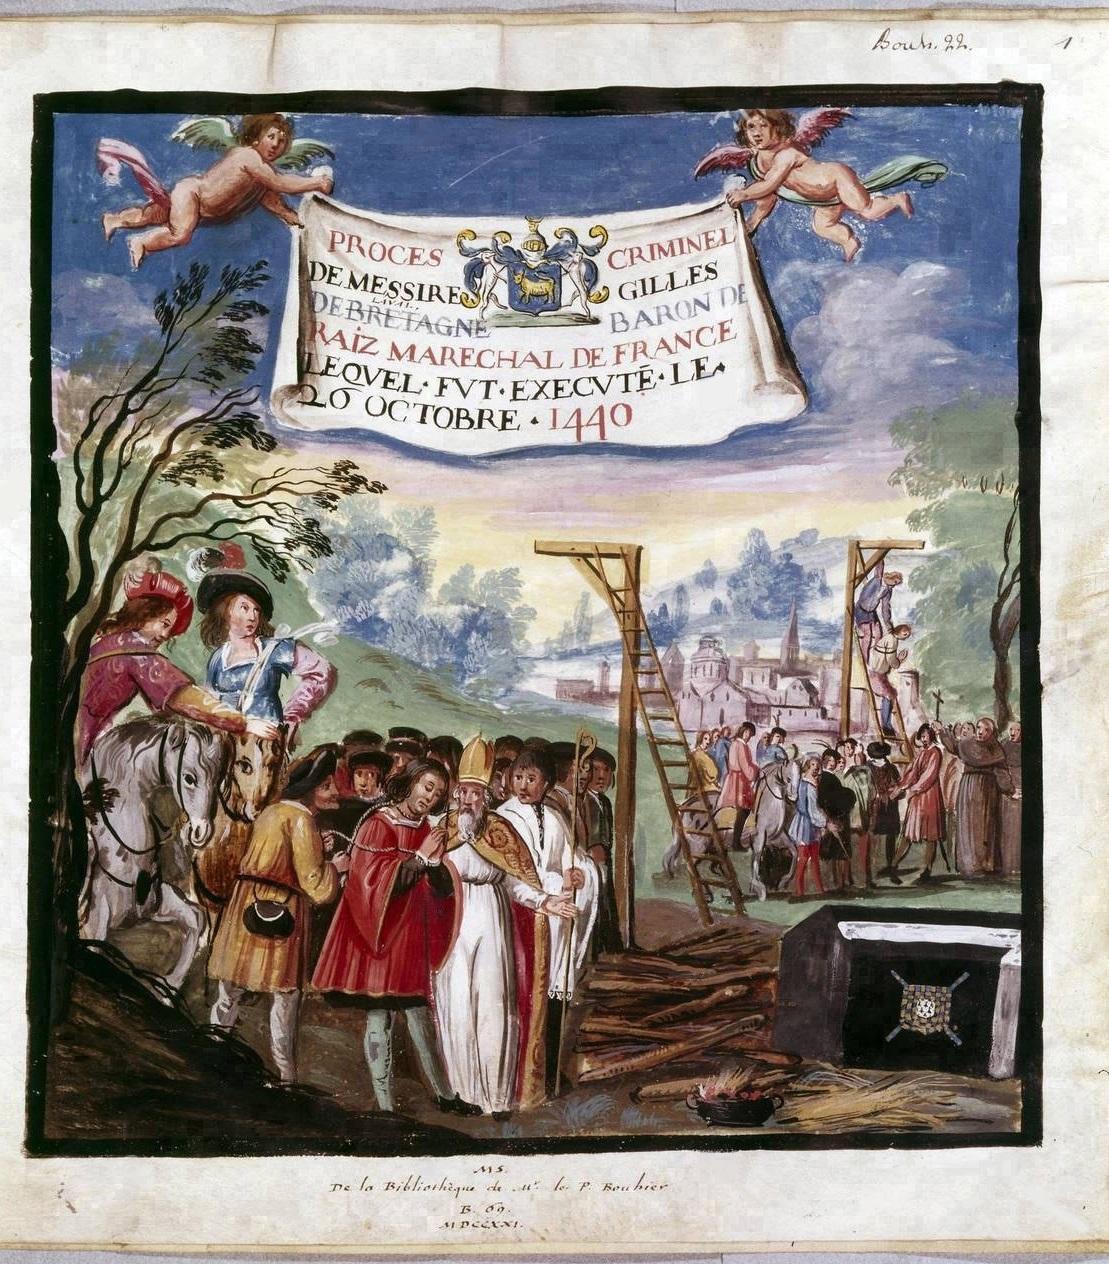 BNF MS Français 23836 exécution de Gilles de Rais.jpg